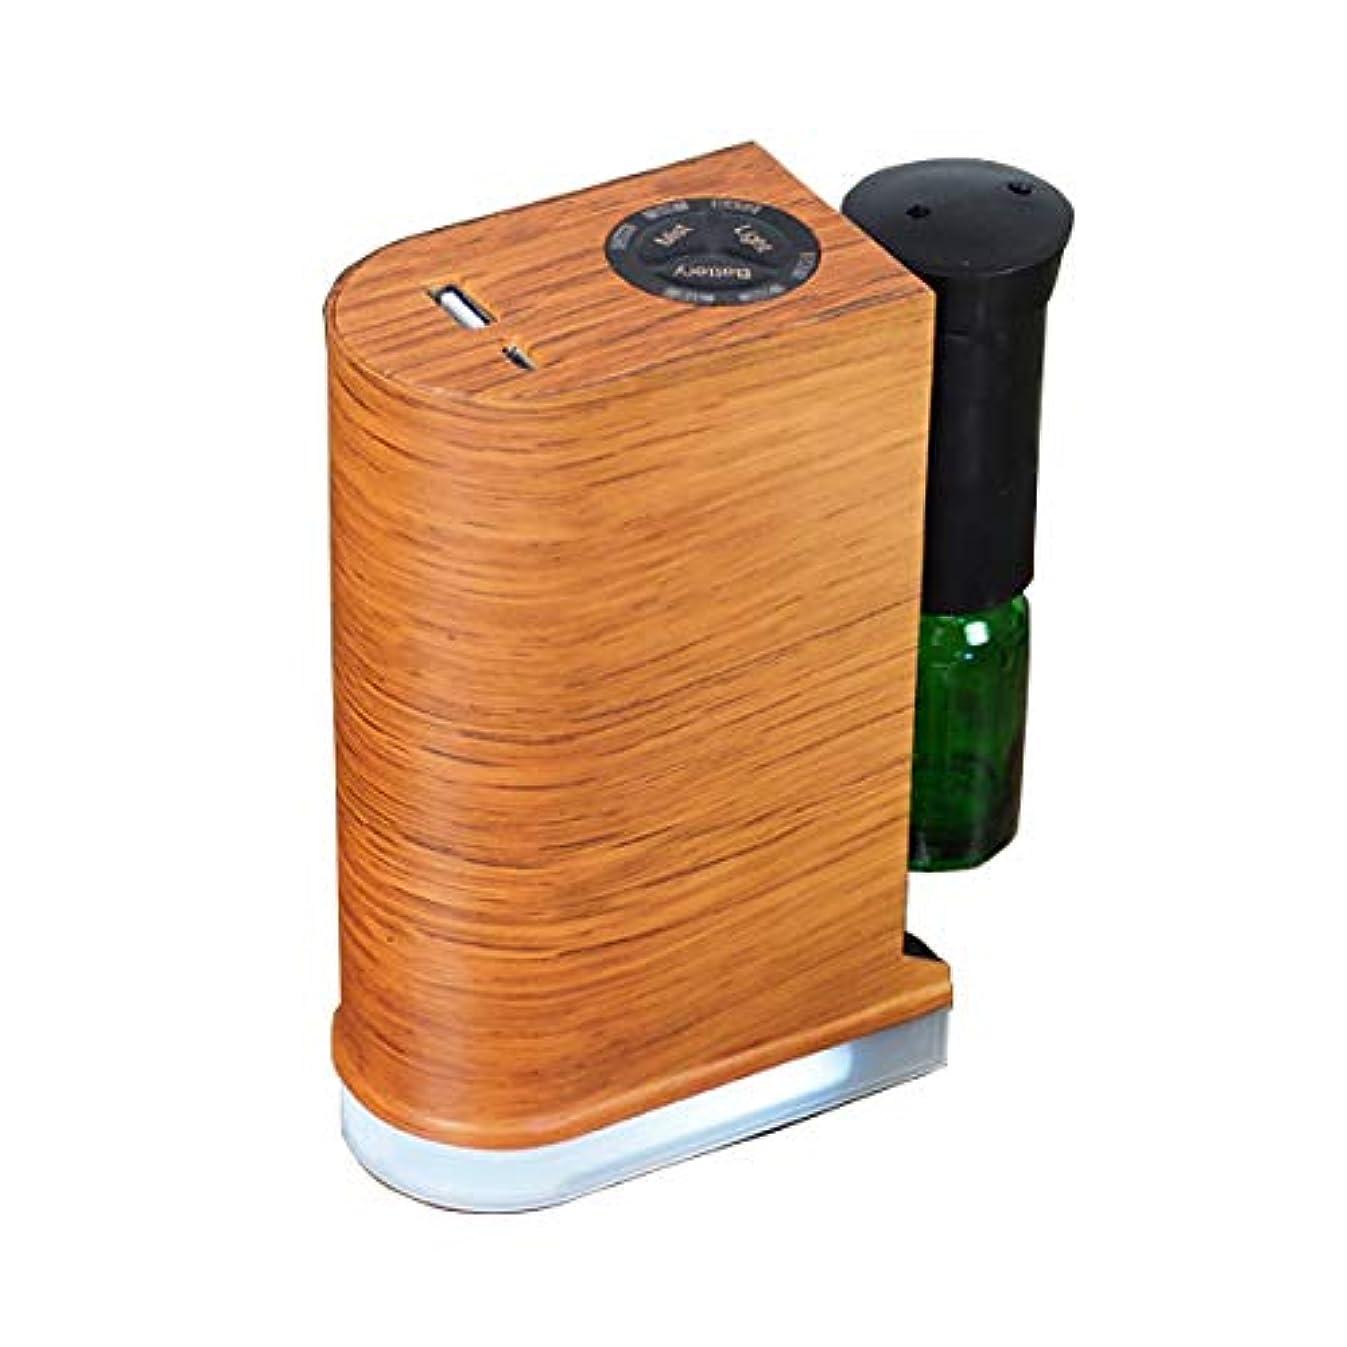 繊毛化粧テロリストアロマデュフューザー 水を使わない ネブライザー式アロマディフューザー LED搭載 アロマオイル 精油 アロマ芳香 (ブラウン)